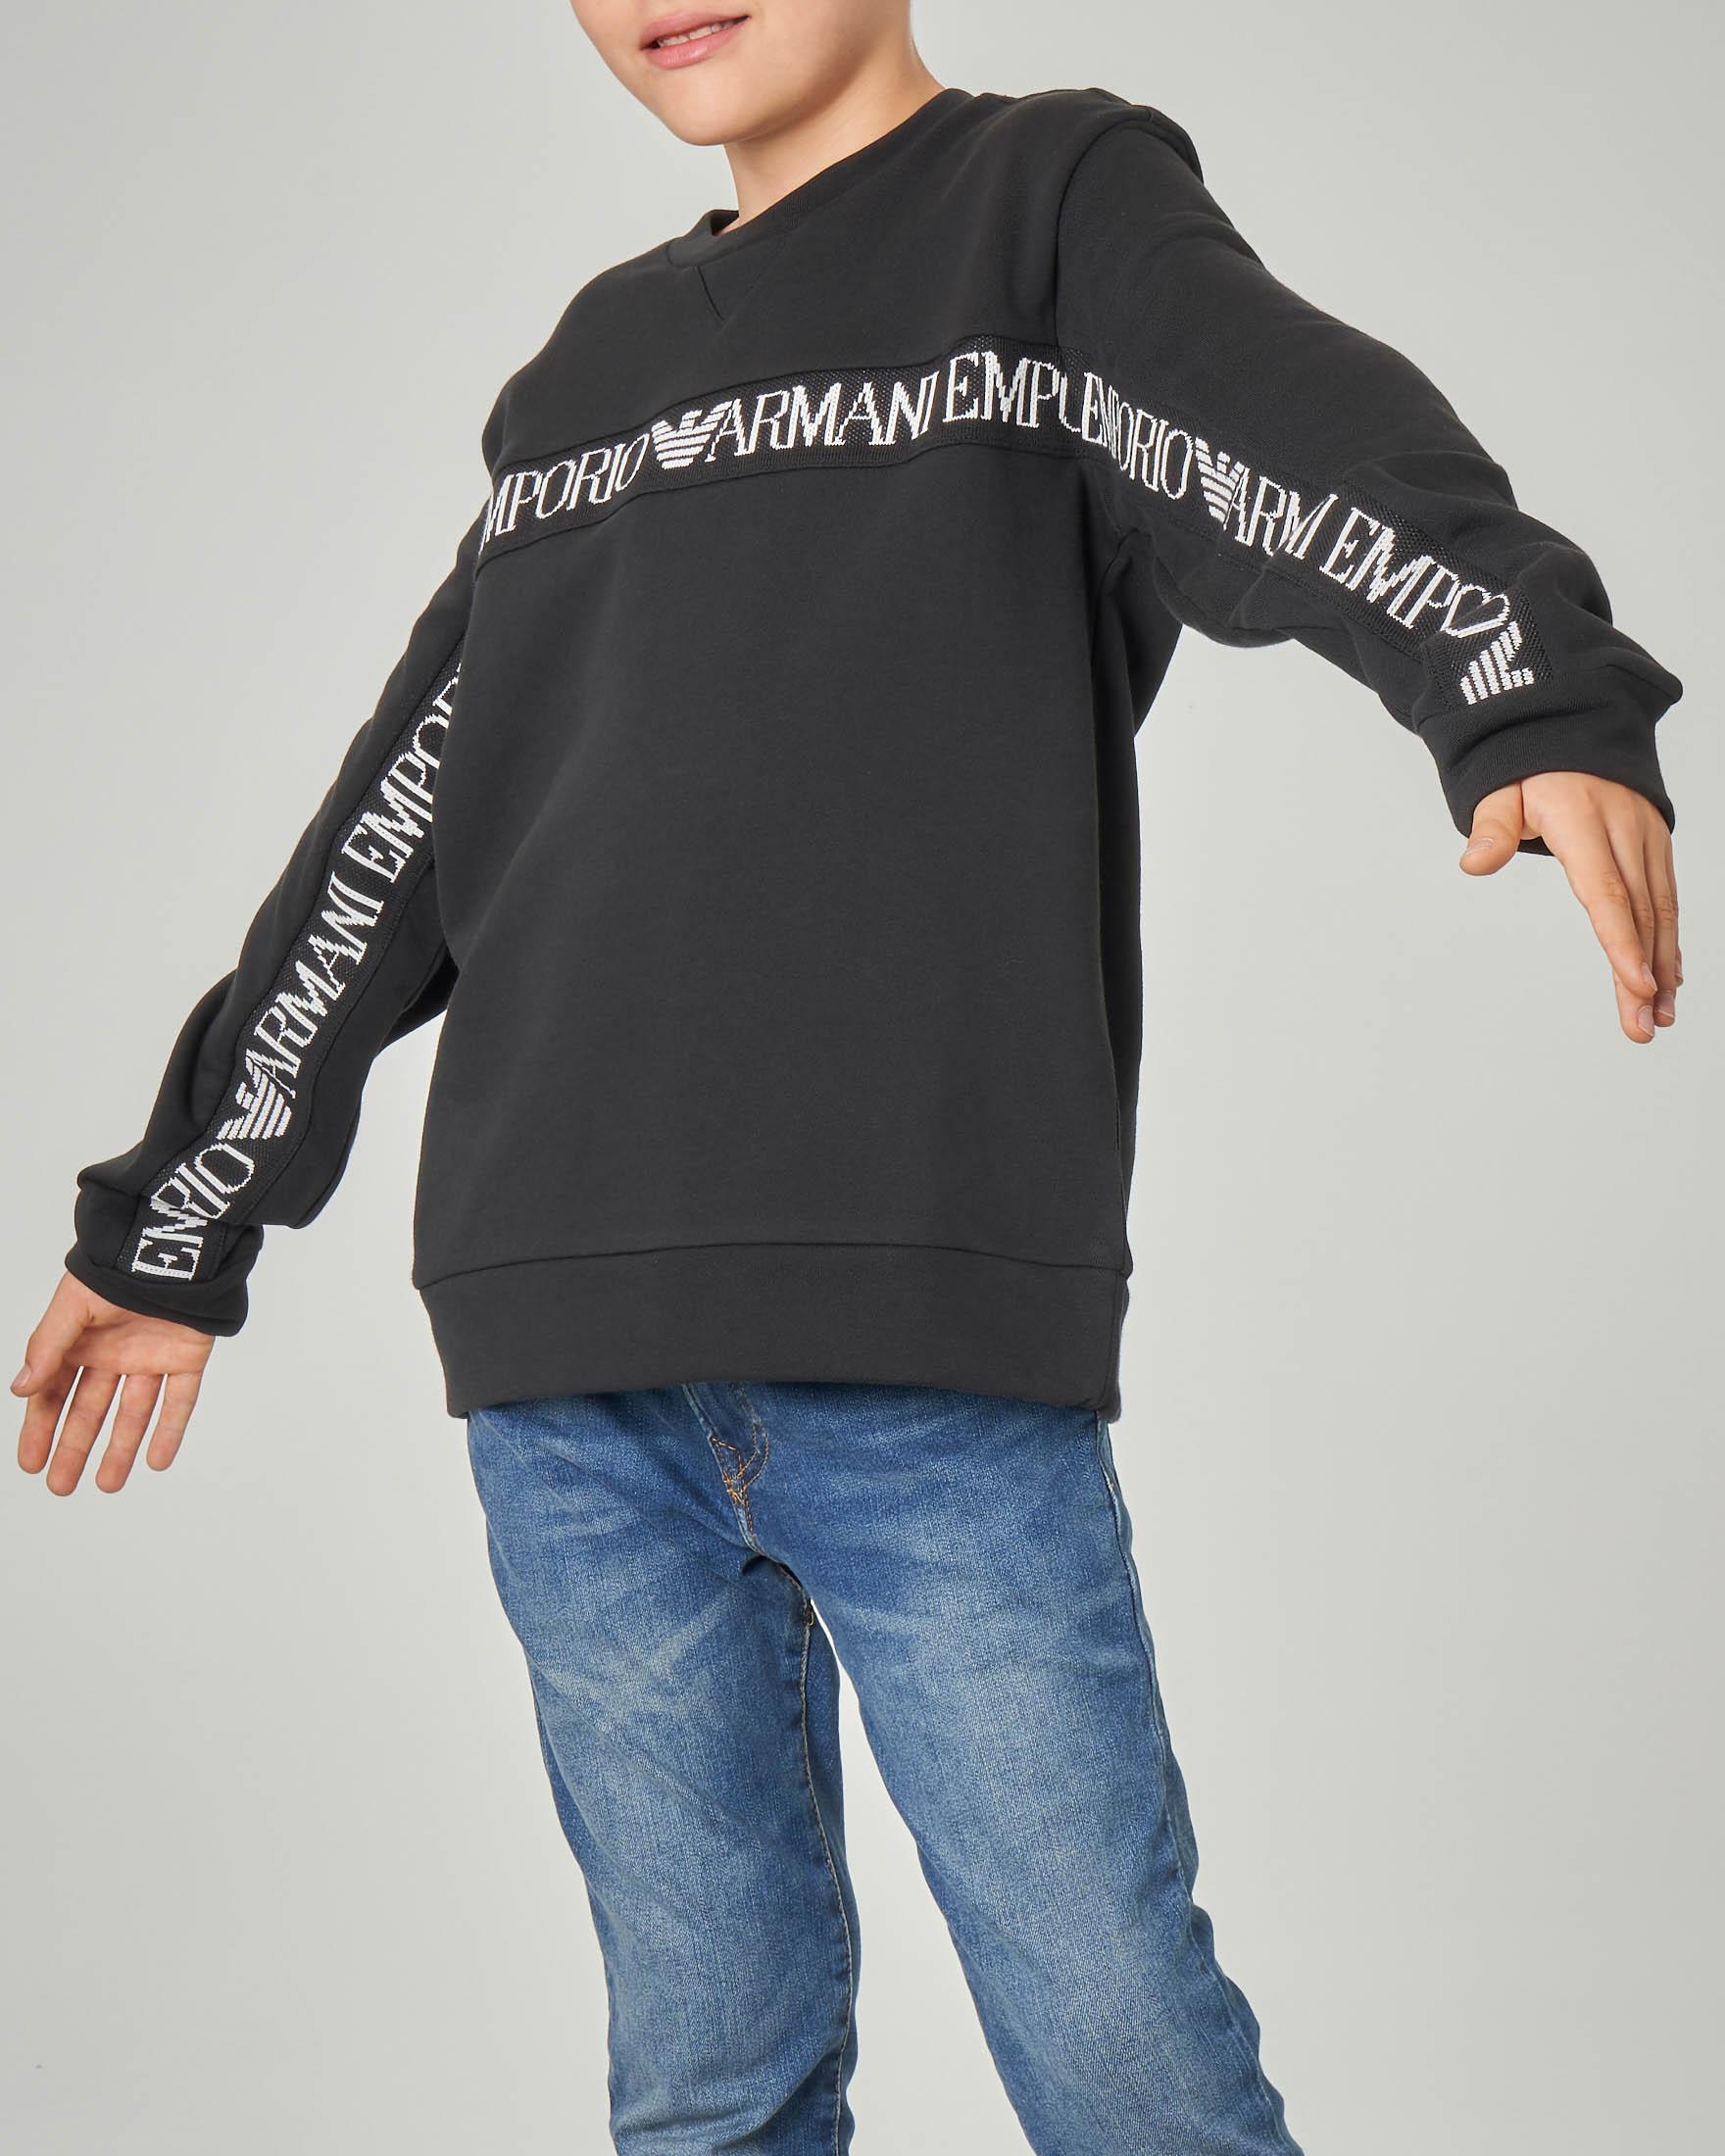 Felpa nera girocollo con inserto logato sul petto e sulle maniche 10-16 anni